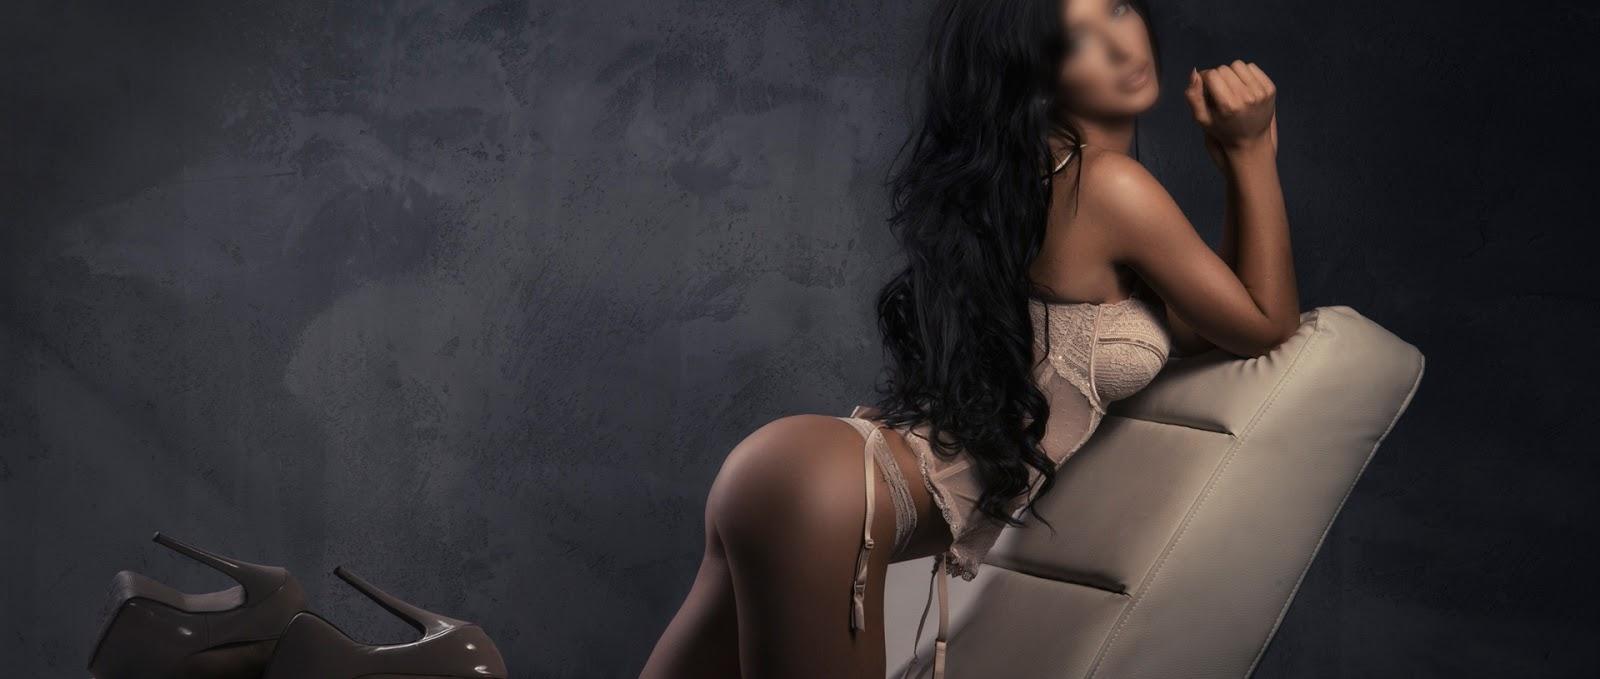 anuncios de servicios sexuales putas peruanas sexo